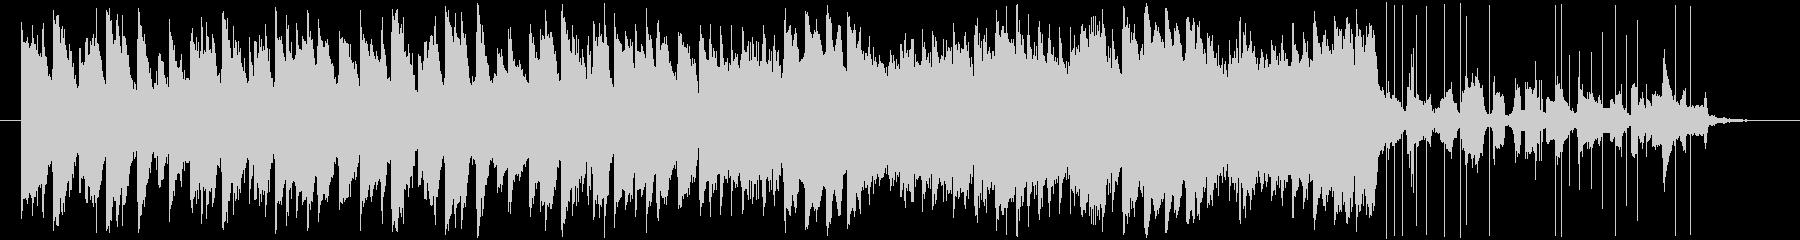 ピアノがかわいいBGMの未再生の波形